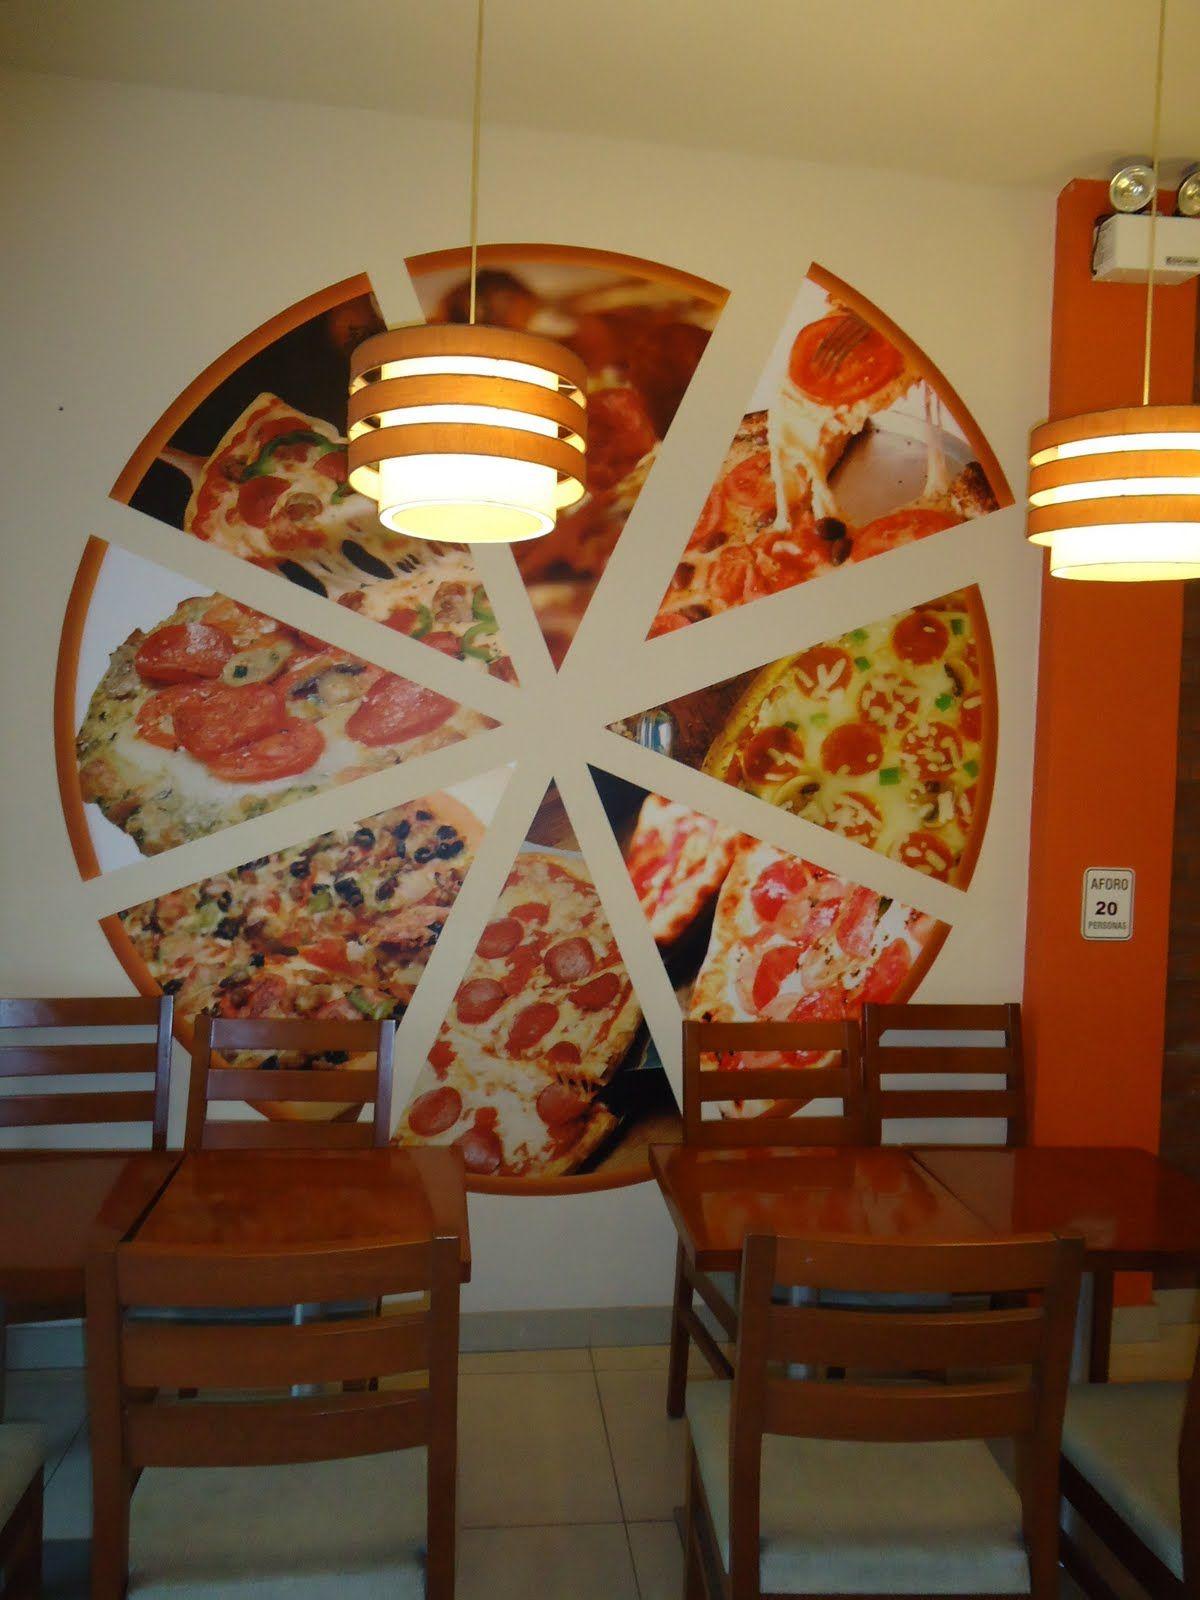 decoracion de pared con pizza ciluetas - Buscar con Google  efeb70ca286